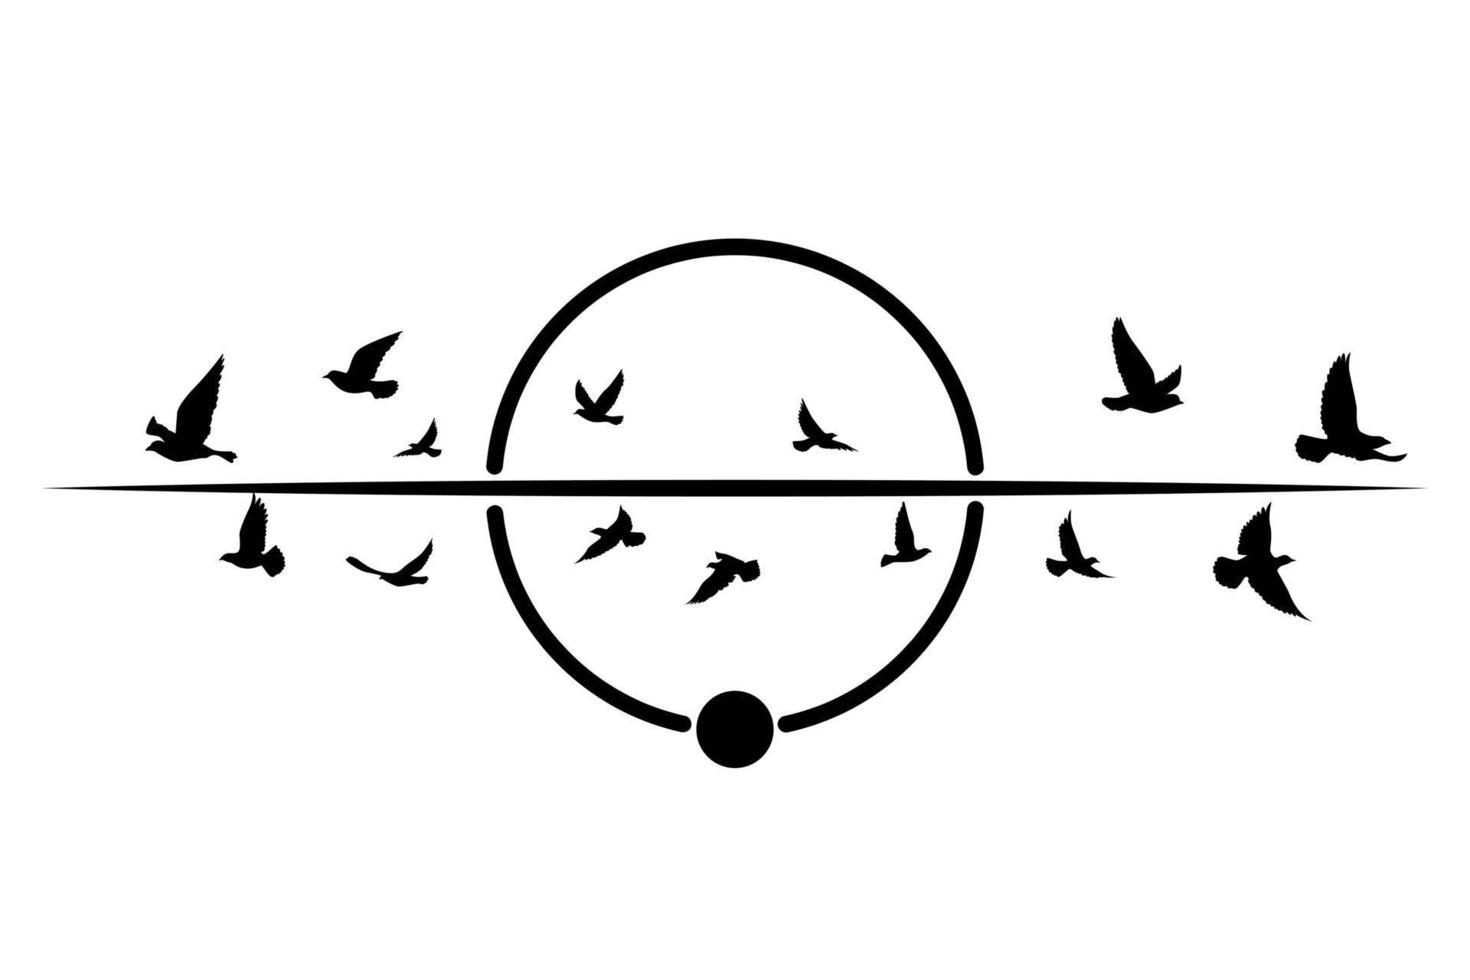 vliegende vogels silhouetten op geïsoleerde achtergrond. vector illustratie. geïsoleerde vogel vliegen. tatoeage en behang achtergrondontwerp. vogelvlieg en geometrische vormen.